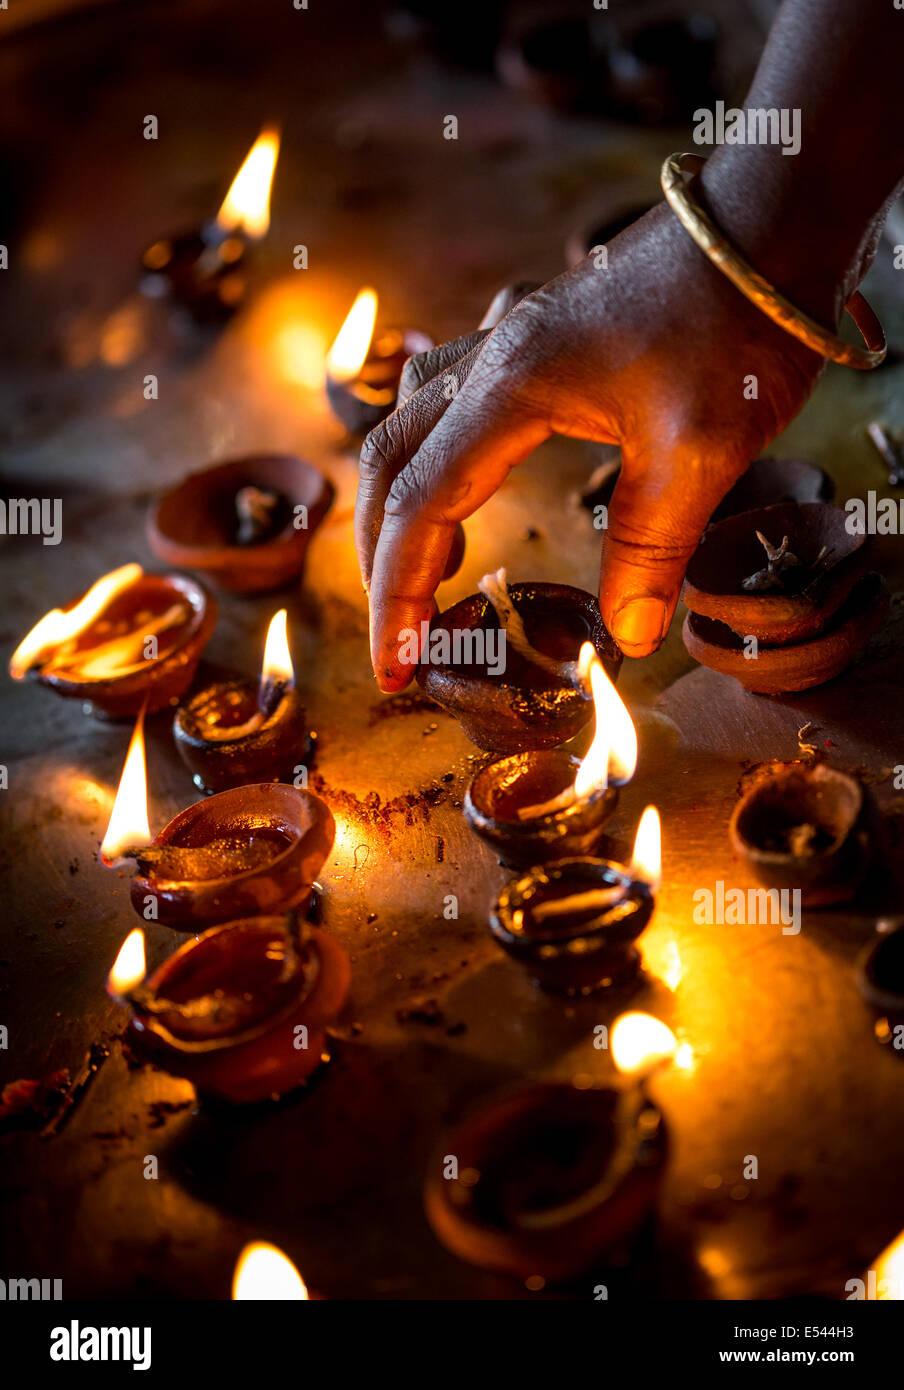 Candele accese nel tempio indiano. Diwali - la festa delle luci. Foto Stock